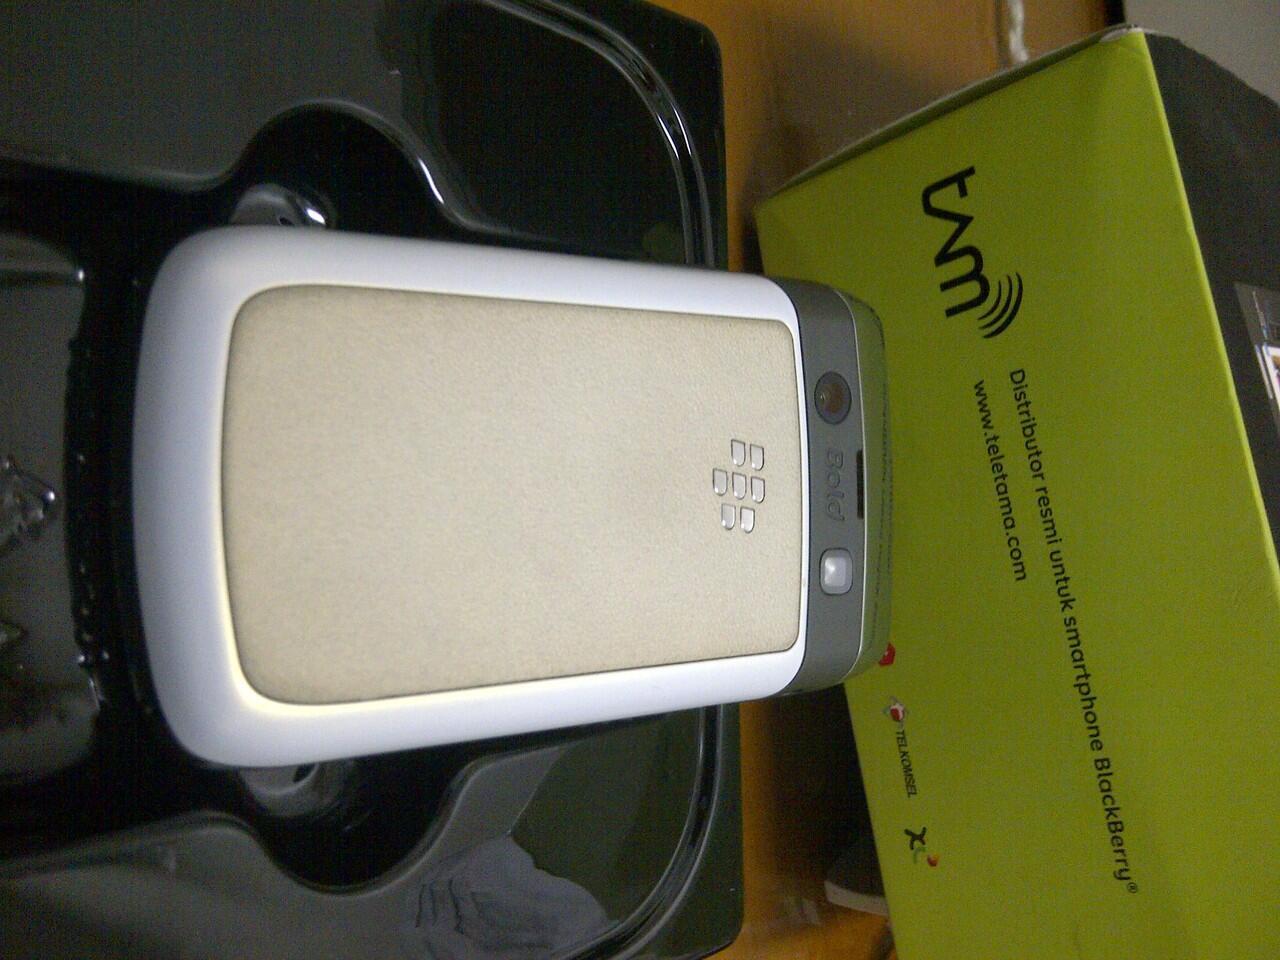 cepat Blackberry 9780 bb onyx 2 white garansi tam masih 14 bulan lagi